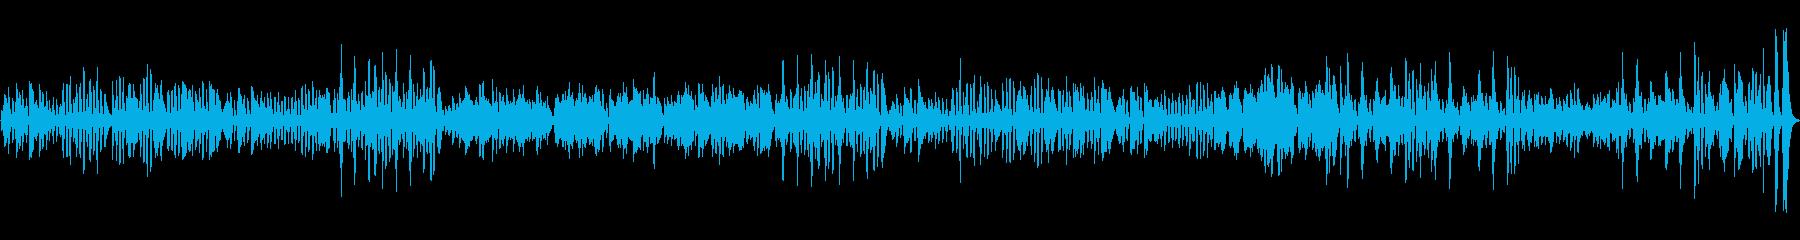 モーツァルトのトルコ行進曲をピアノ演奏での再生済みの波形